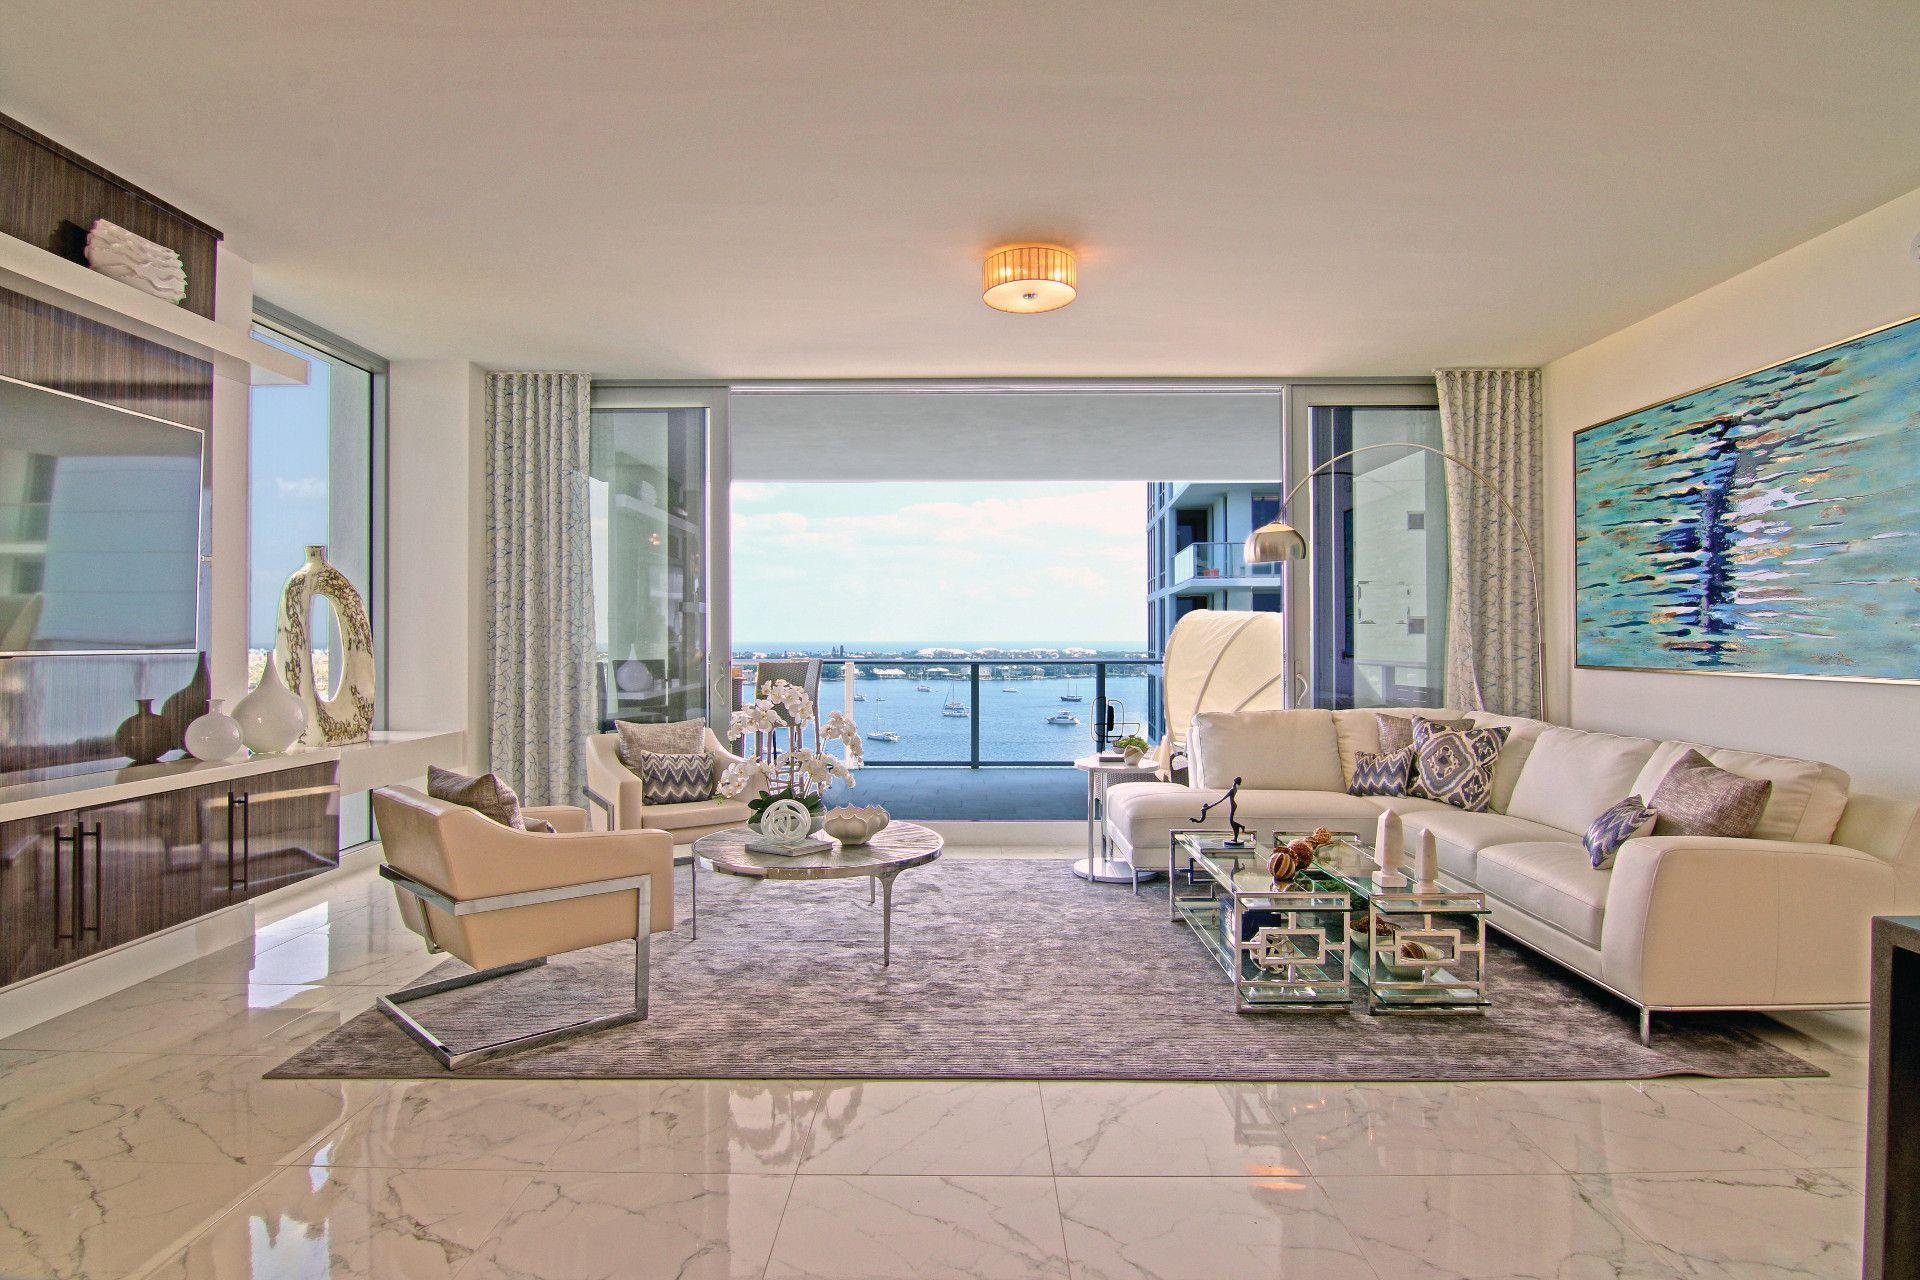 Image result for upscale beach condo interior design ideas   NEW ...